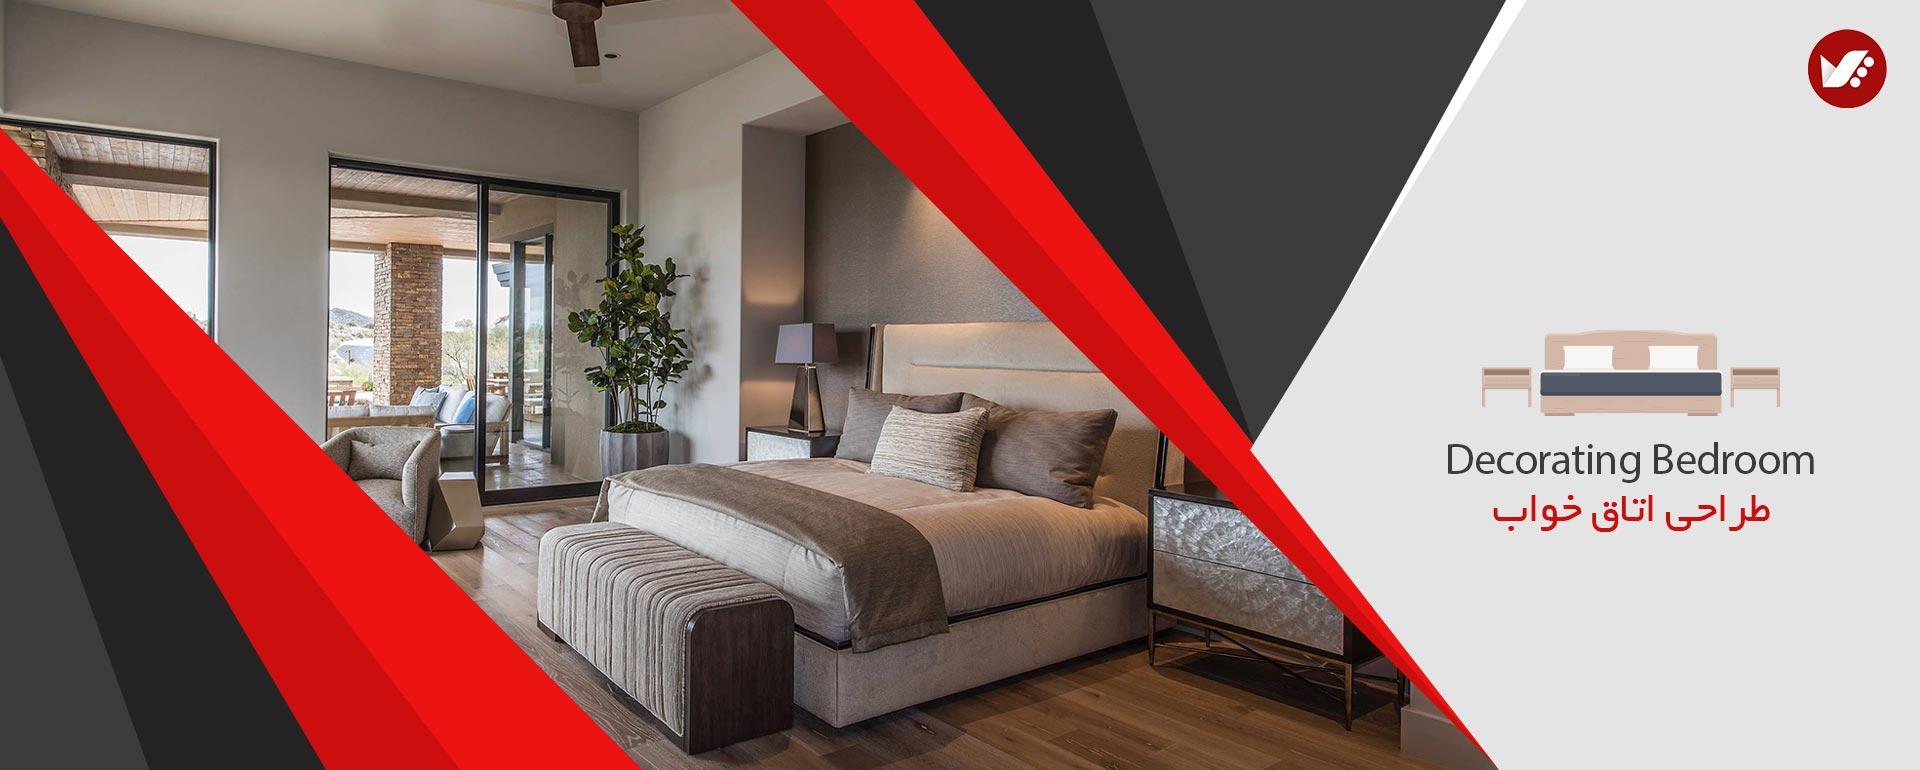 bedroom design banner - طراحی اتاق خواب